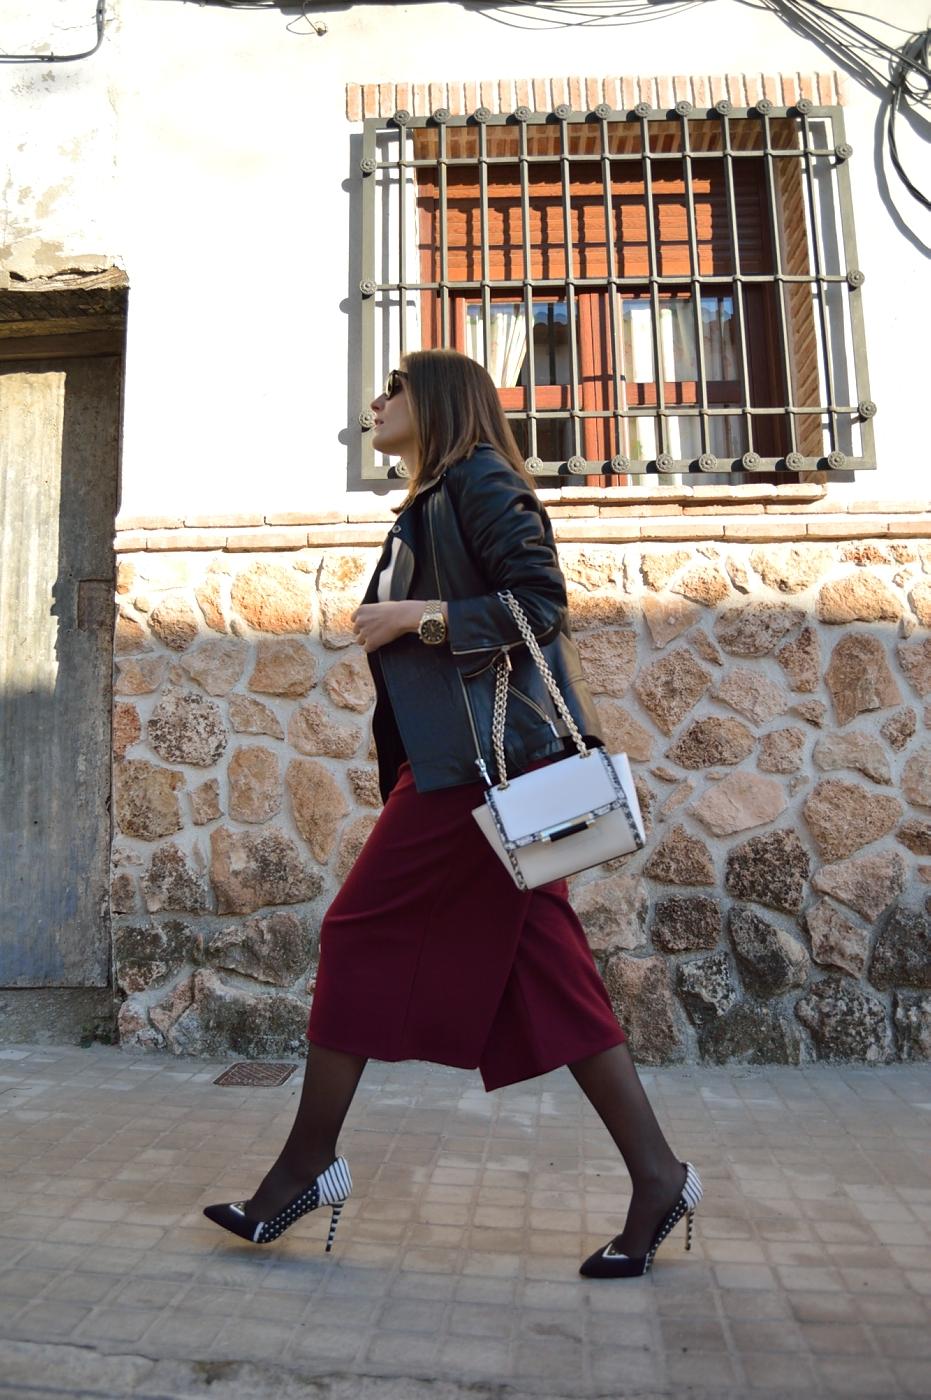 lara-vazquez-madlula-style-fashion-girl-streetstyle-look